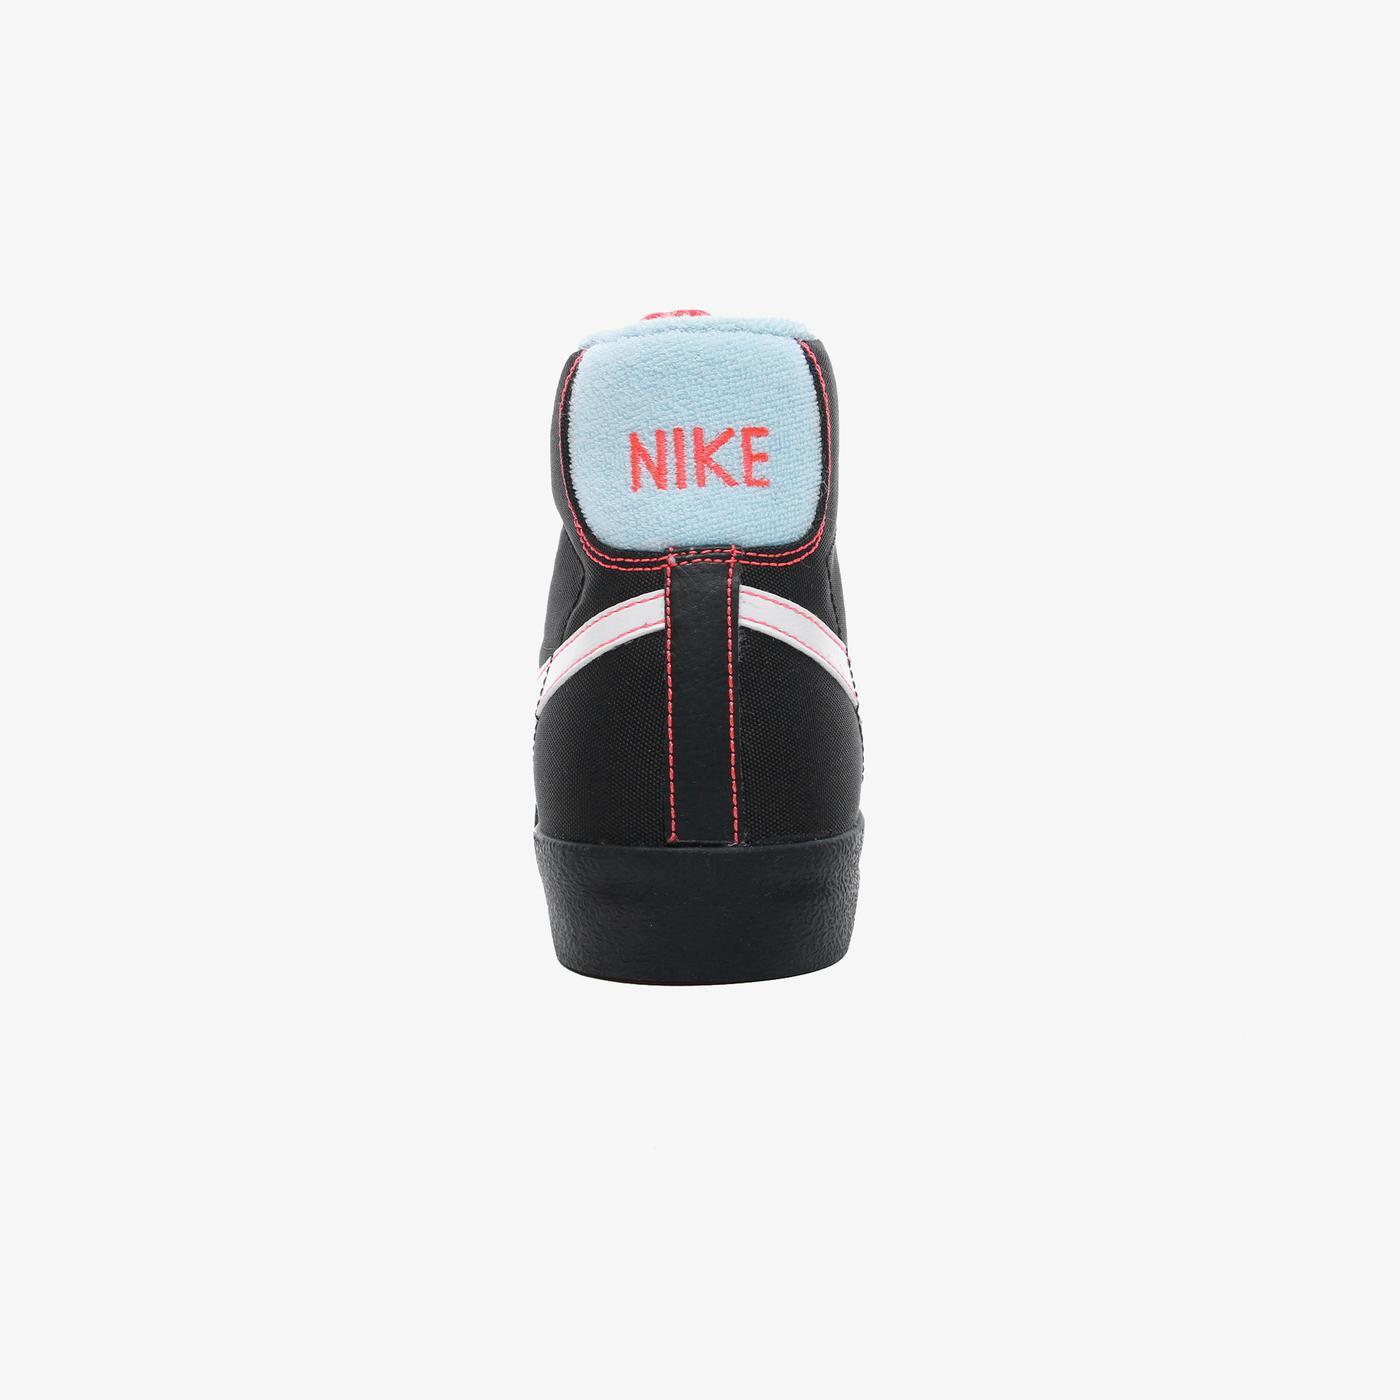 Blazer Mid '77 Kadın Siyah Spor Ayakkabı